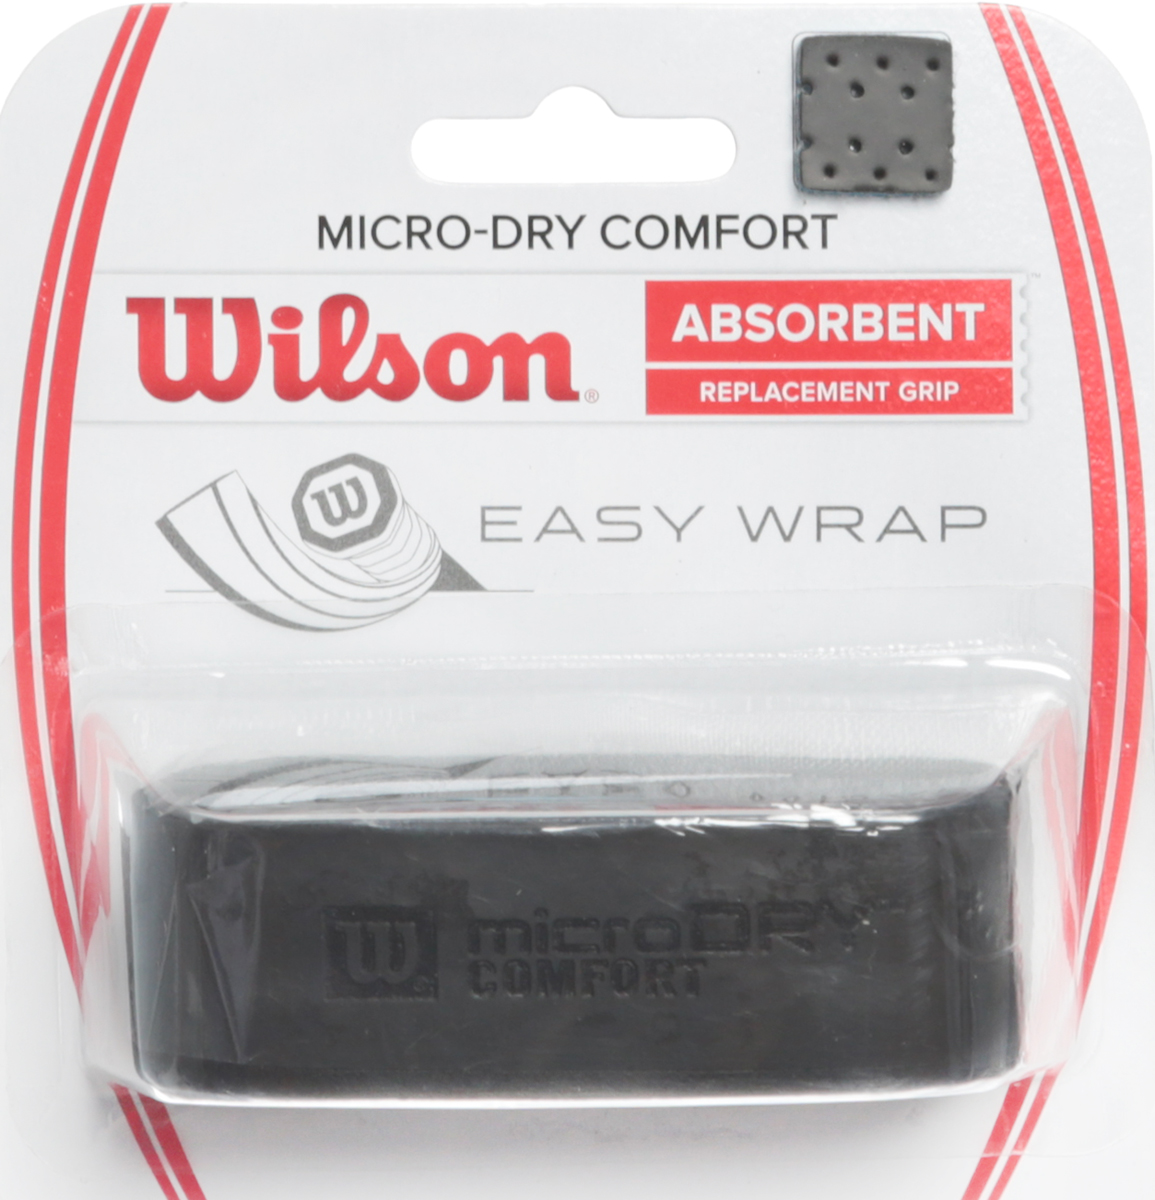 Намотка для ракетки Wilson Micro-Dry Comfort Replacement Grip BlackWRZ4211BKБазовая намотка Wilson Micro-Dry Comfort предлагает уникальную подложку, которая обеспечивает максимальную мягкость в ощущениях и комфорт. За счет перфорации обеспечивается дополнительное поглощение влаги.